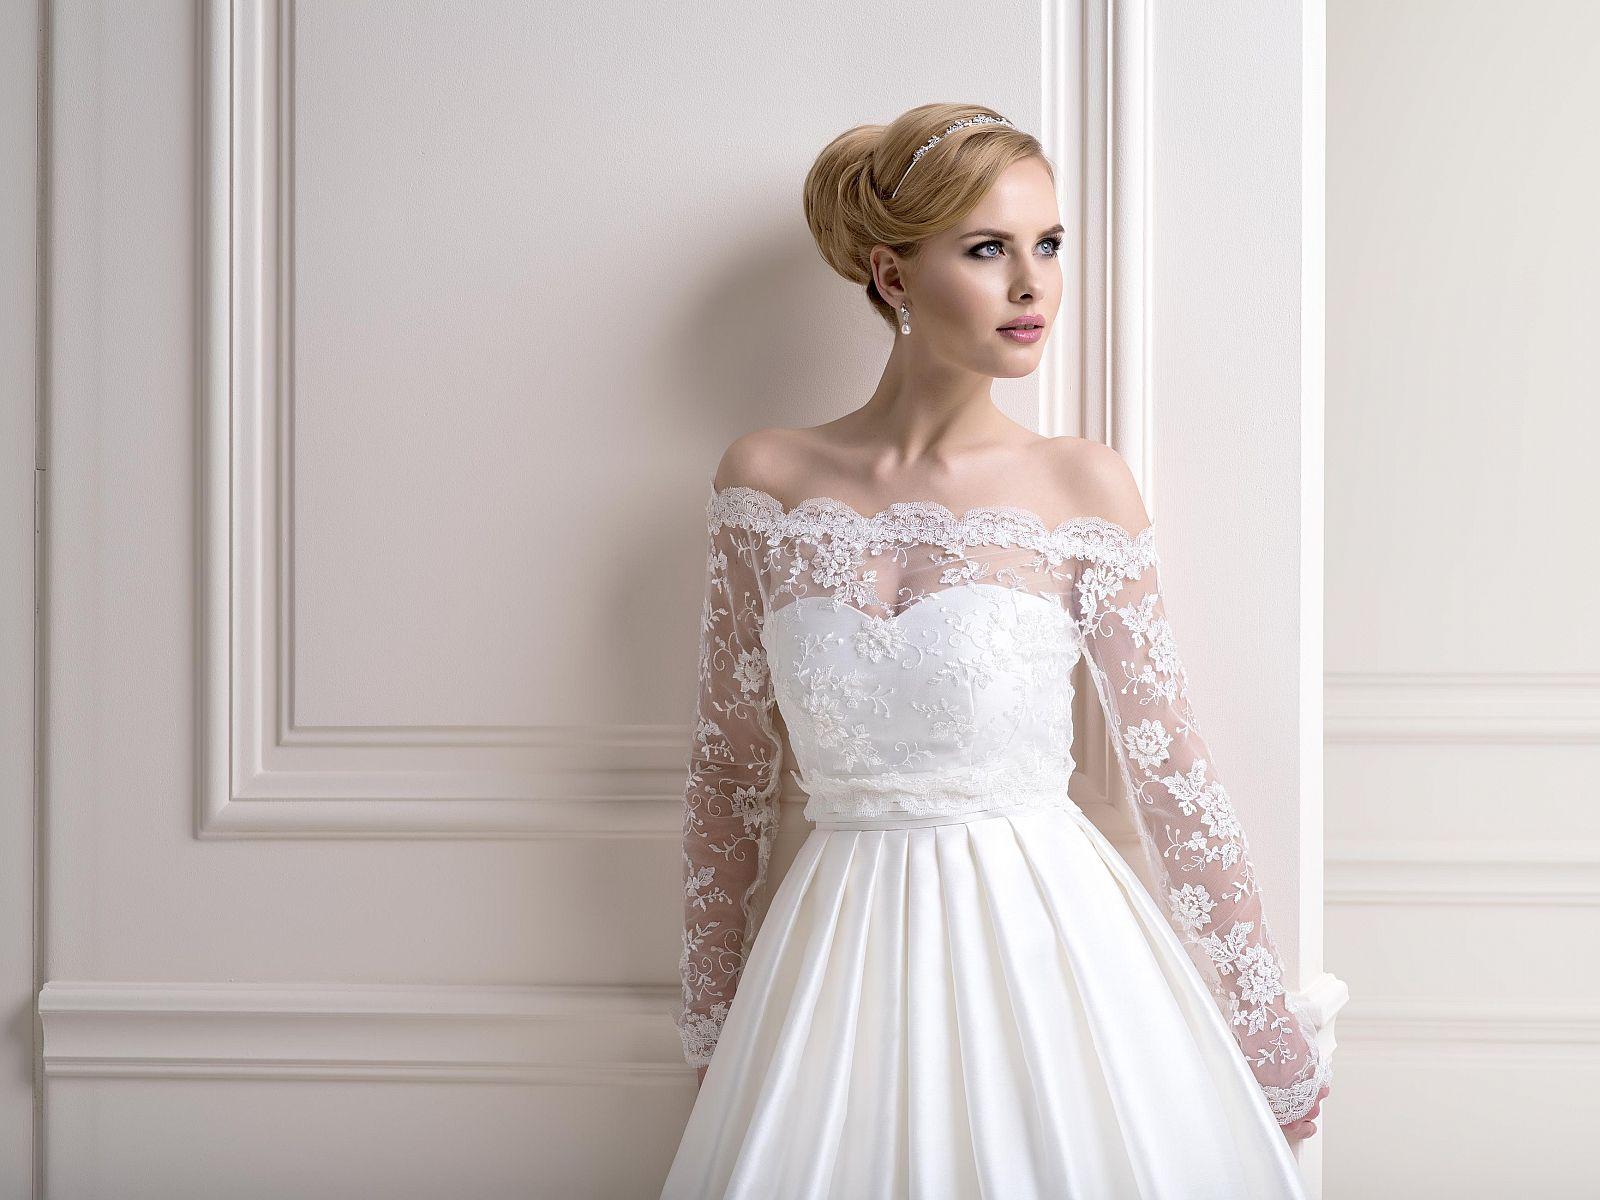 Long Sleeve Beaded Lace Bardot Bolero Dress Topper. A Very